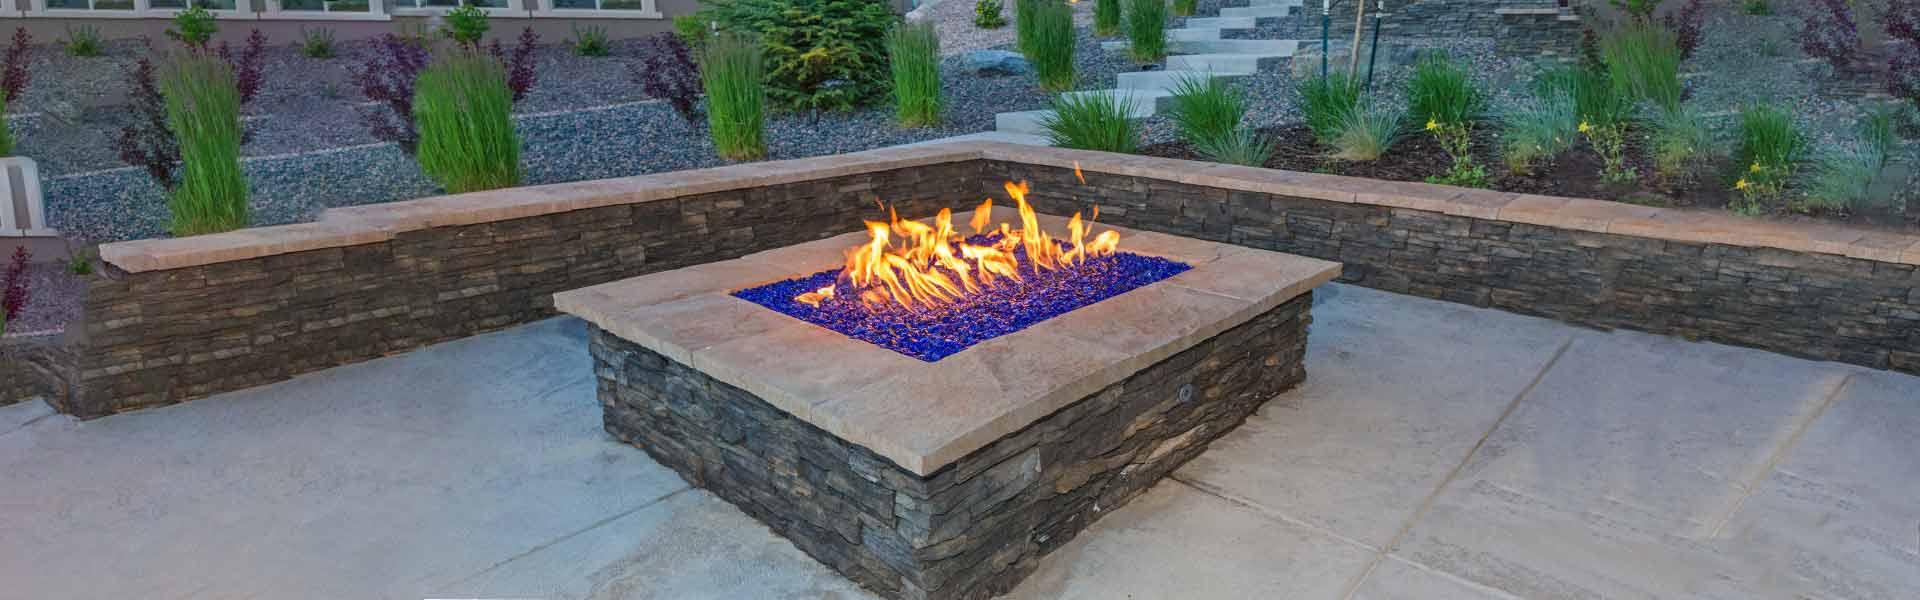 Prachtige blauwe glasstukjes in vuurplaats in tuin